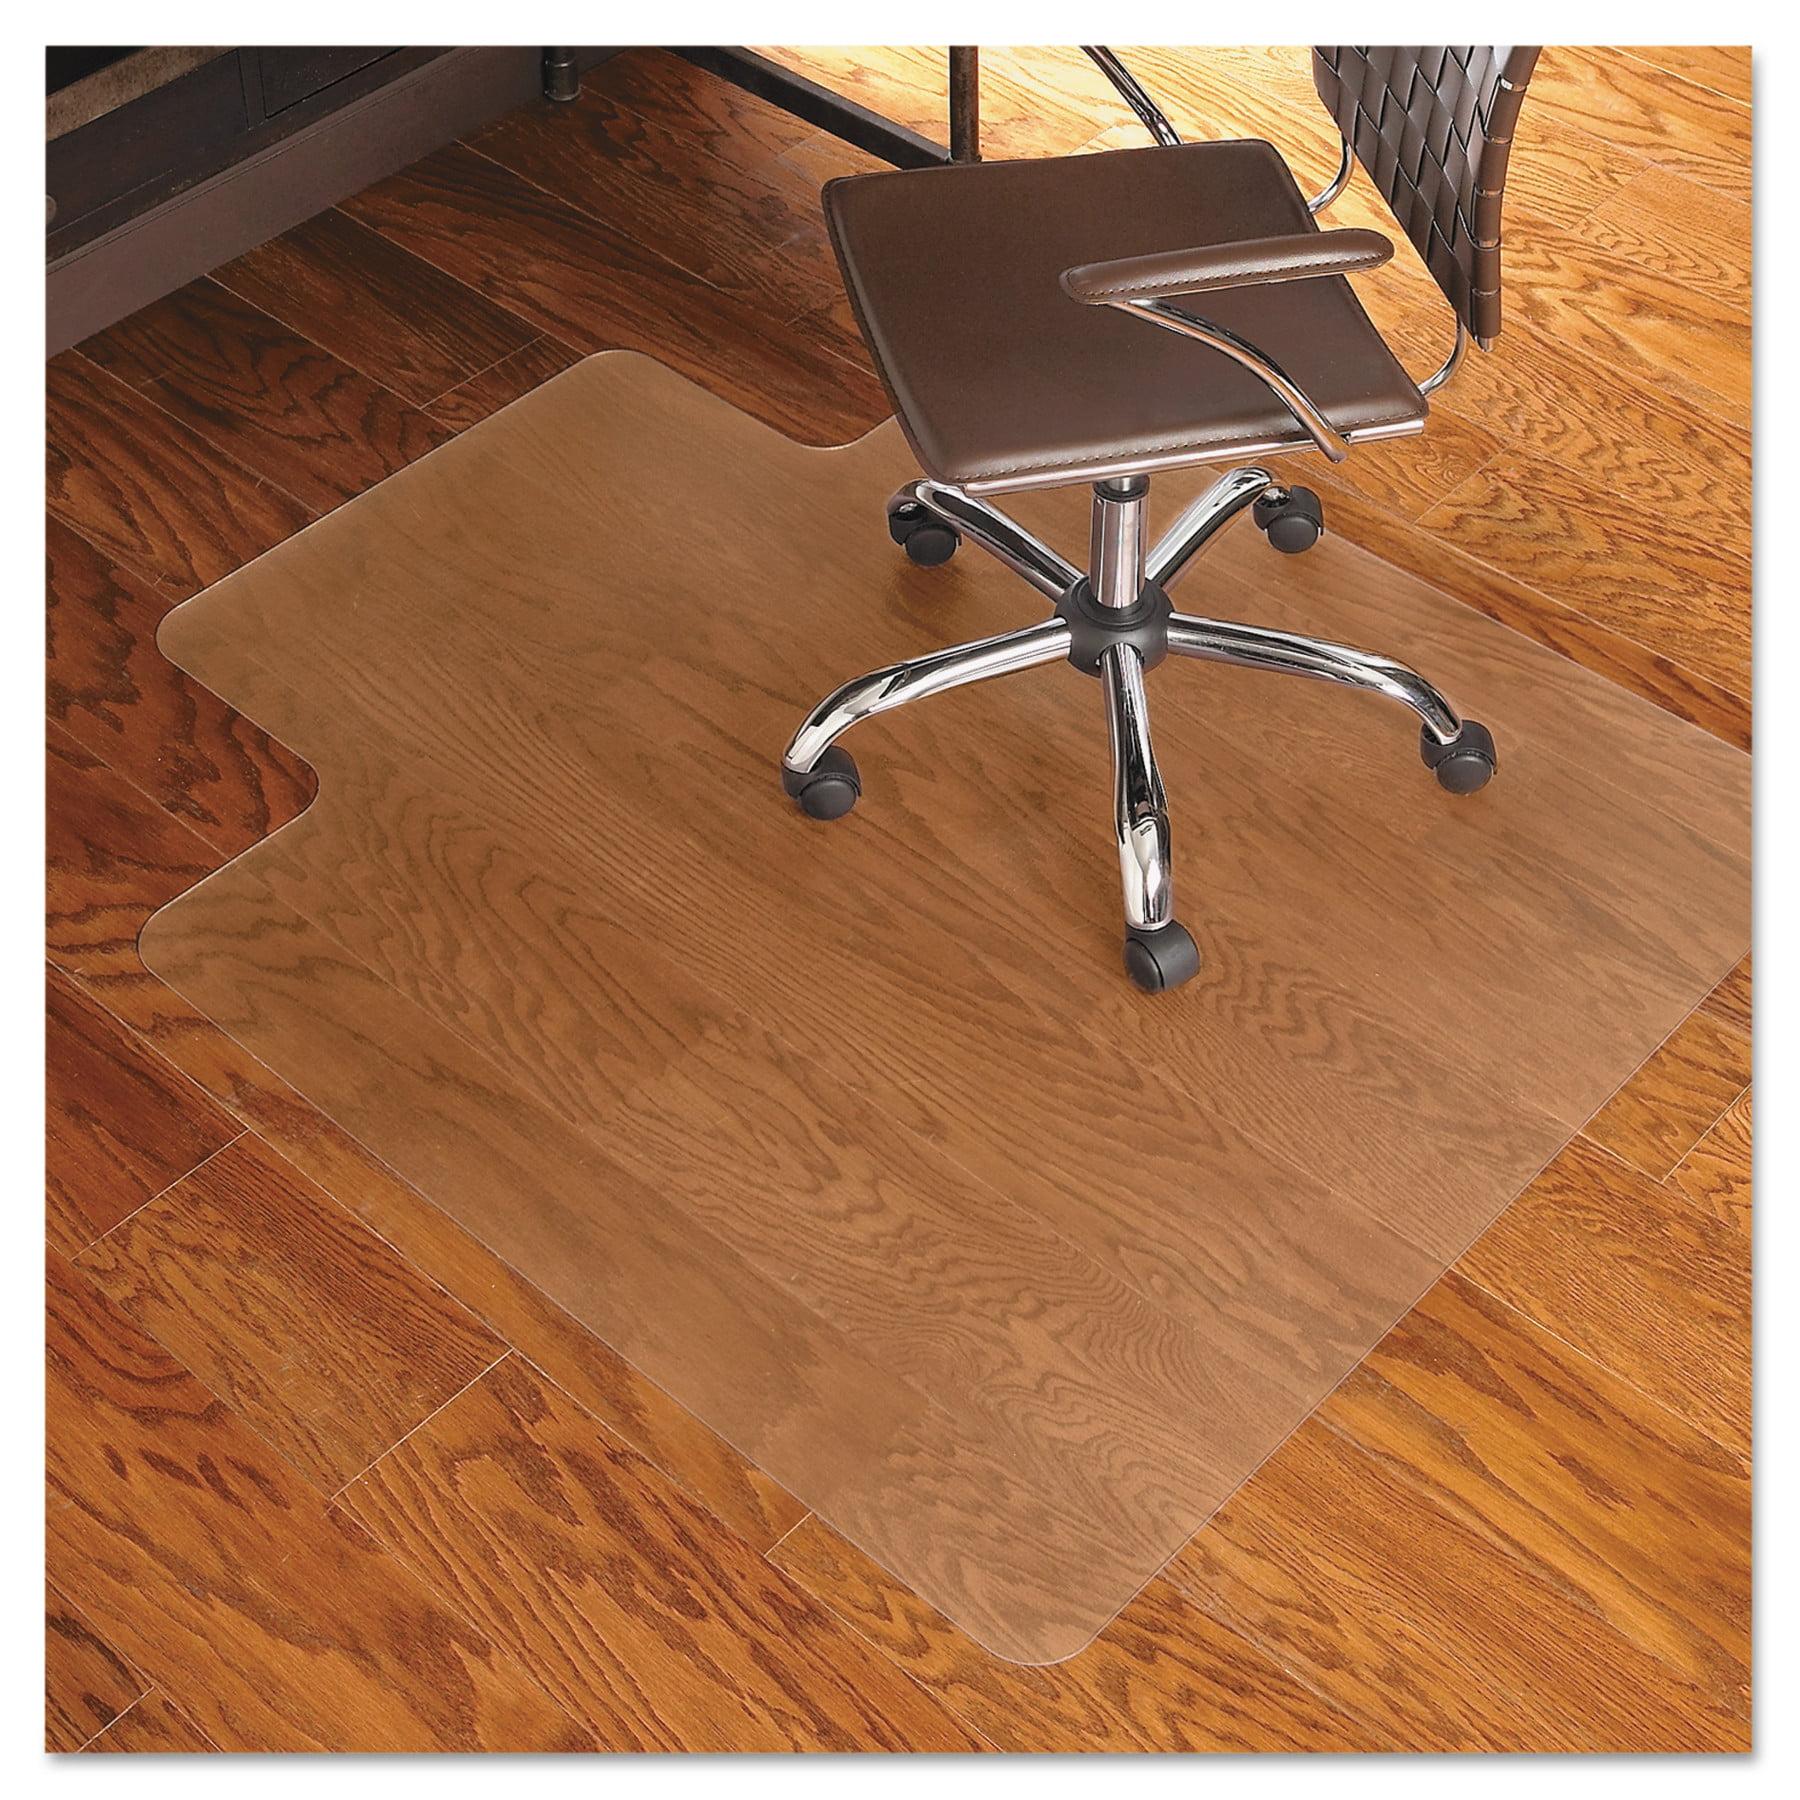 ES Robbins 45x53 Lip Chair Mat Multi Task Series for Hard Floors